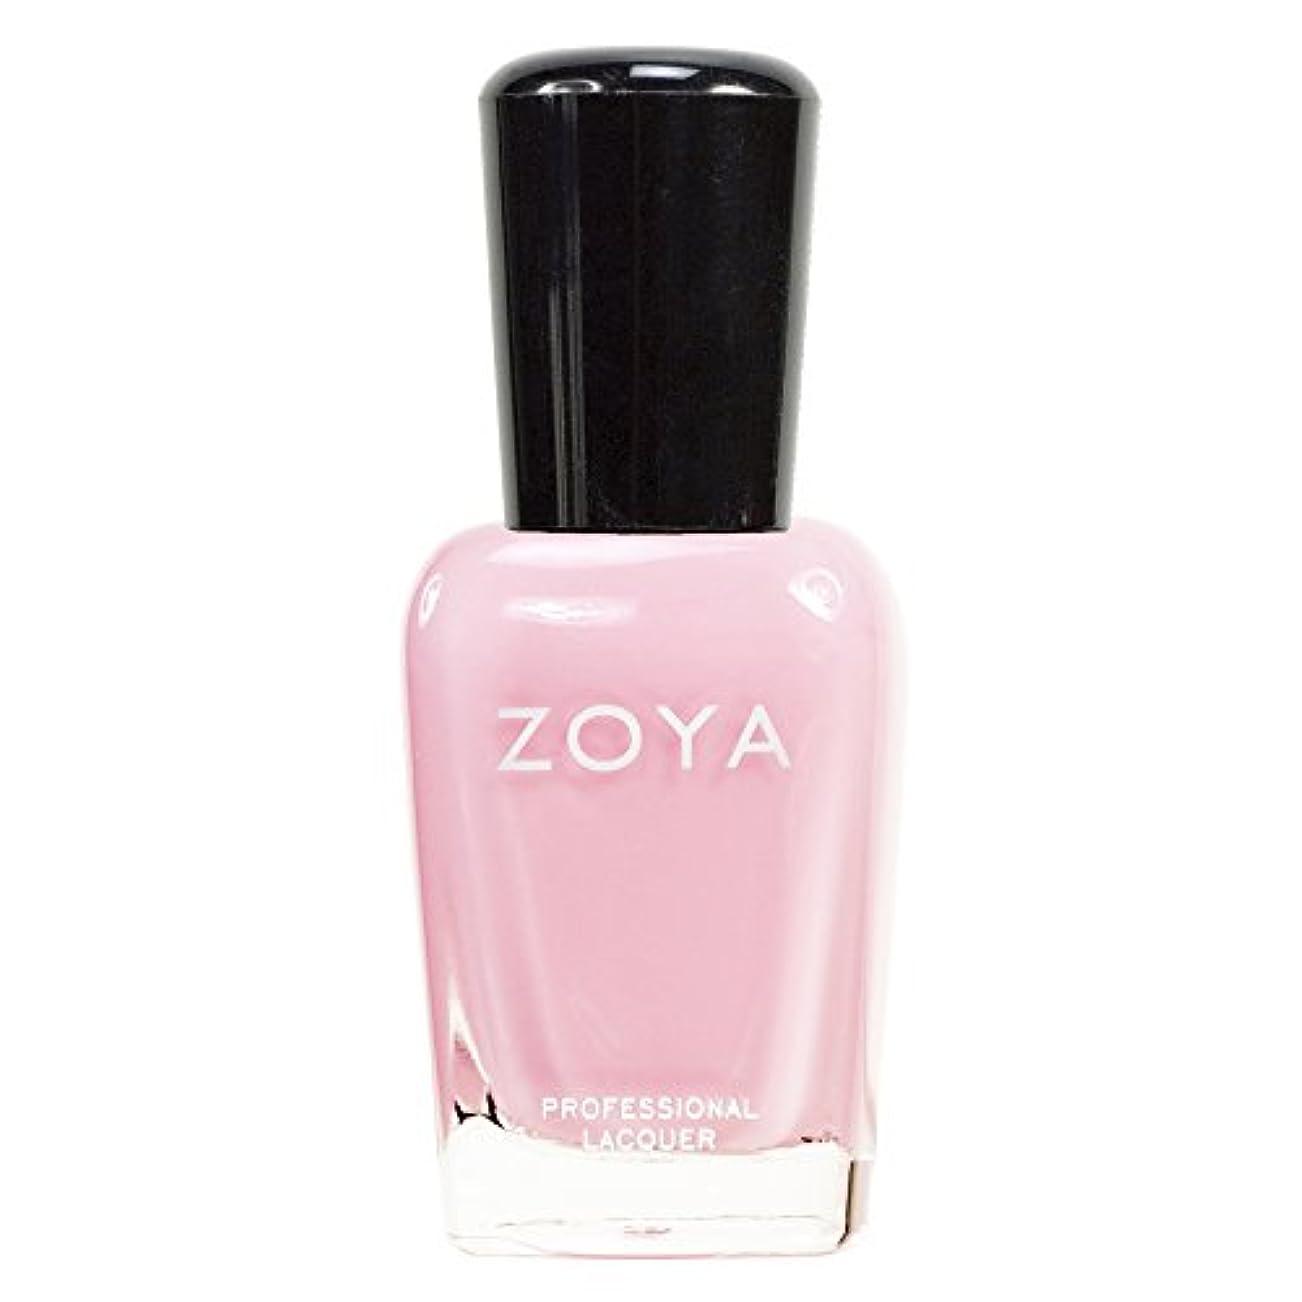 有益タックル賭けZOYA ゾーヤ ネイルカラーZP315 BELA ベラ 15ml 淡く優しいクリーミーなピンク マット 爪にやさしいネイルラッカーマニキュア